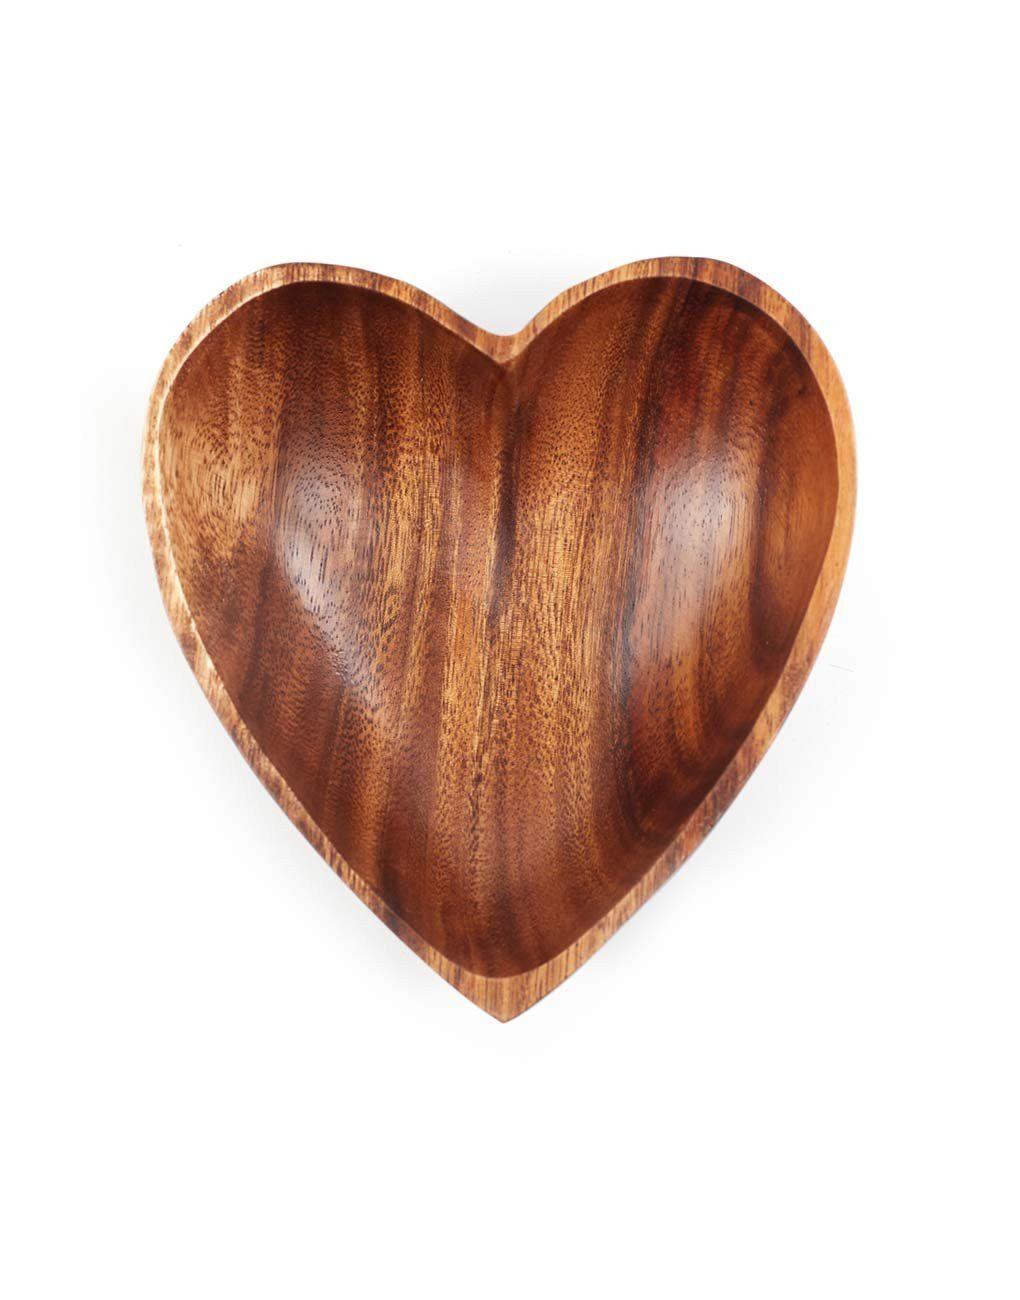 Acacia Wood Heart Bowl Wood Hearts Acacia Wood Bowl Hand Carved